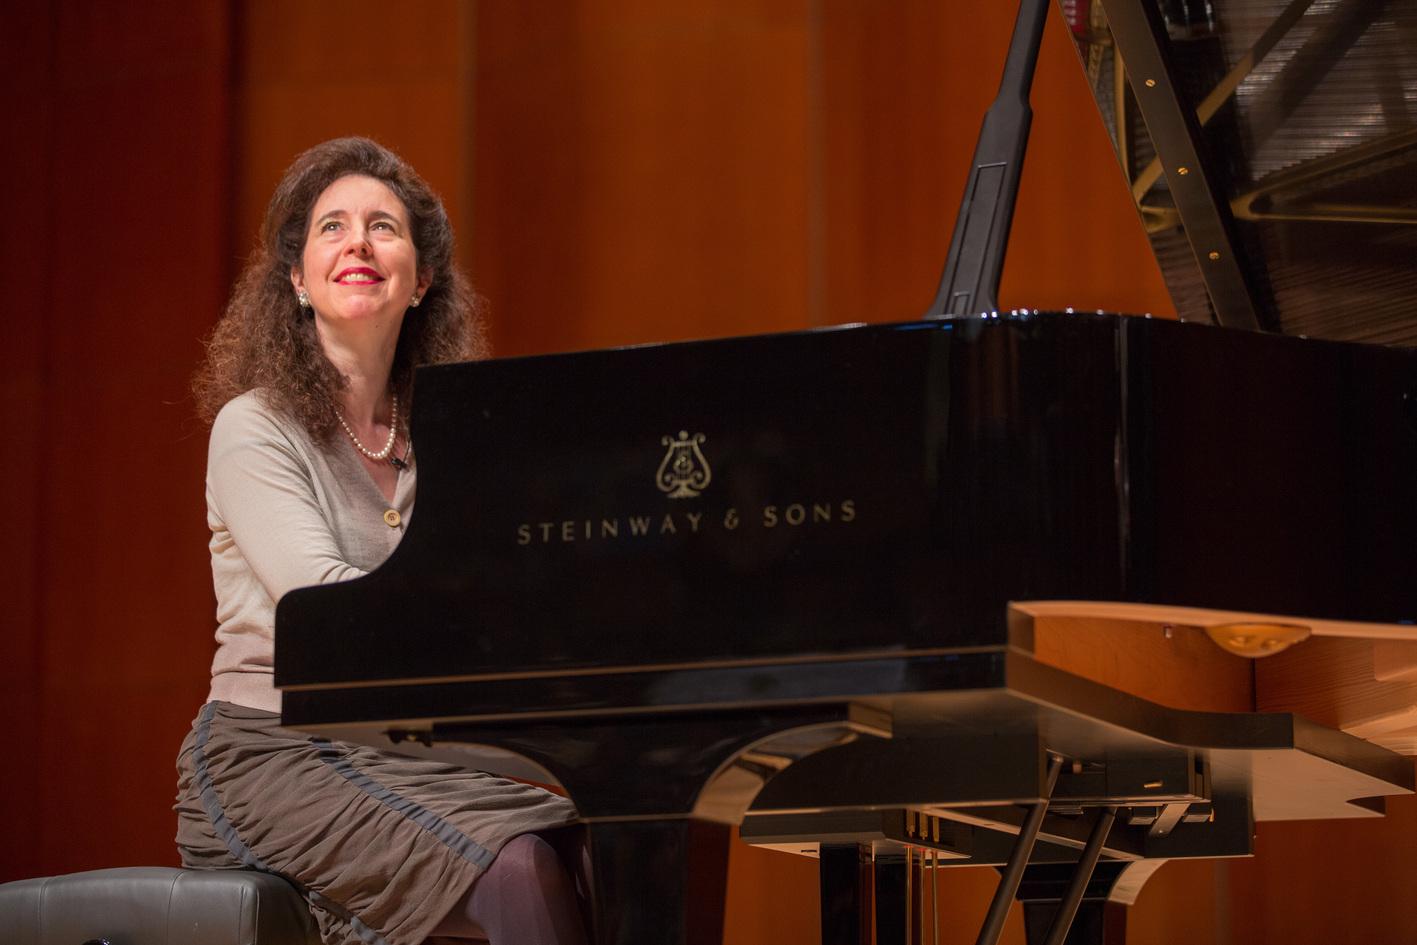 Angela Hewitt Piano Recital